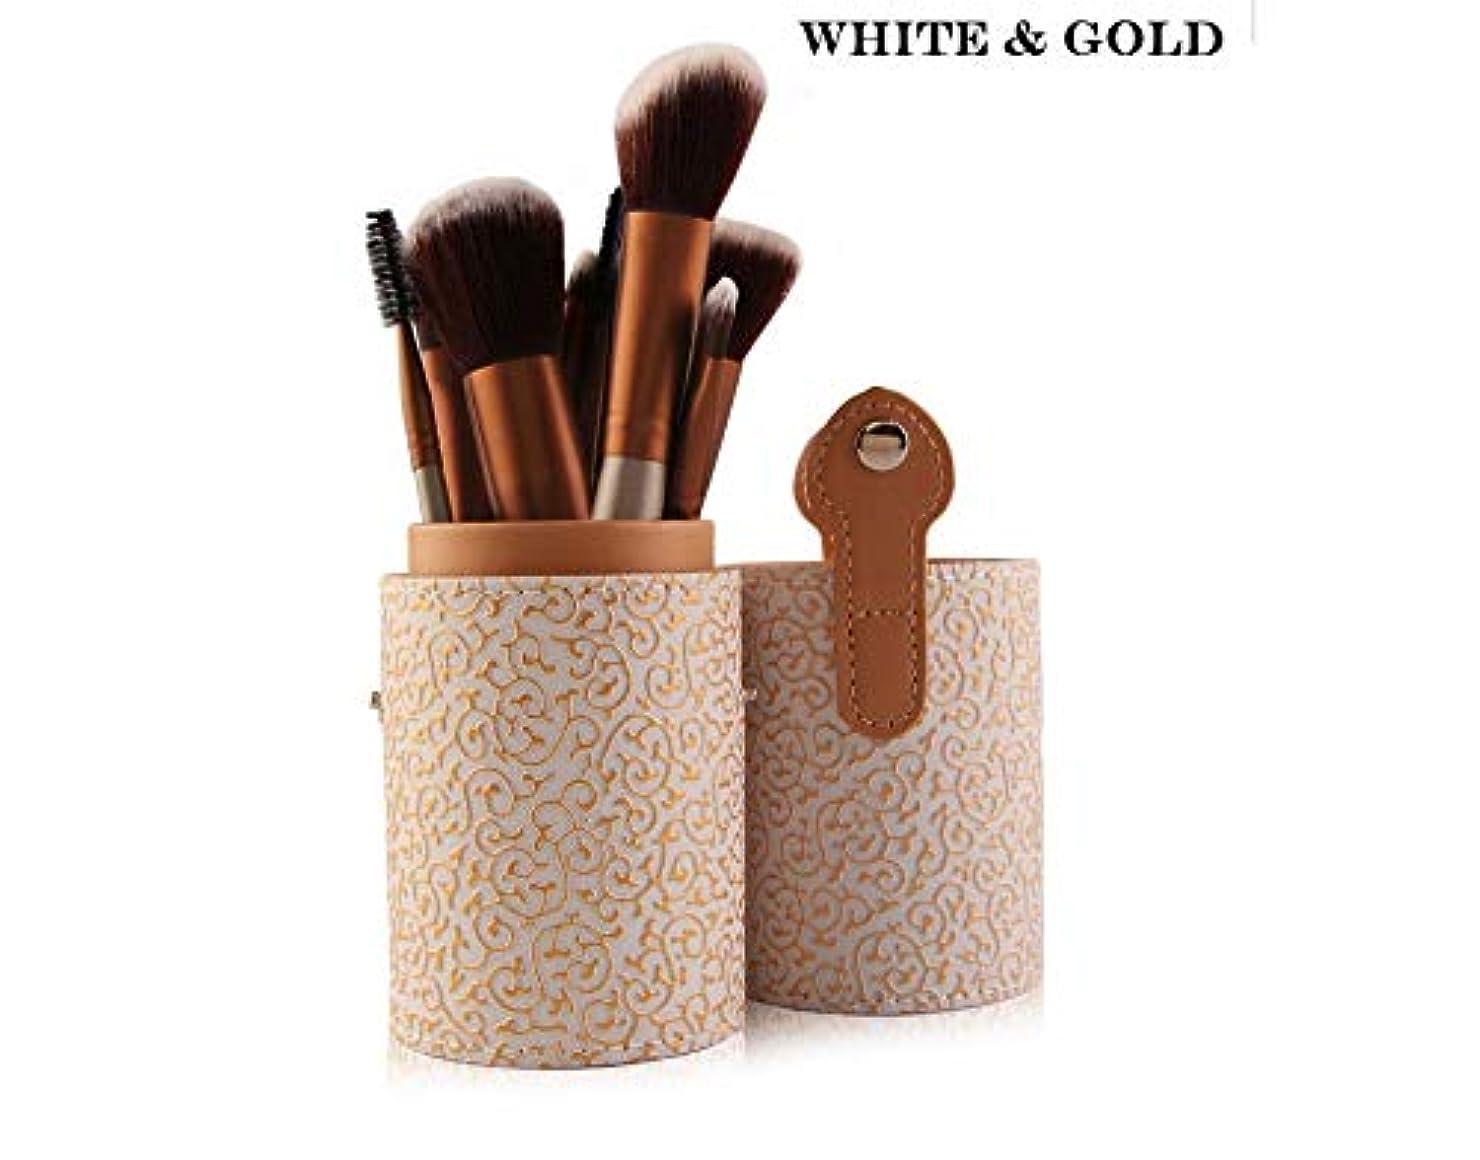 アテンダントワークショップ論理的SfHx 化粧筆セット、12気筒化粧筆セット化粧道具セットブラシ (Color : ホワイト)